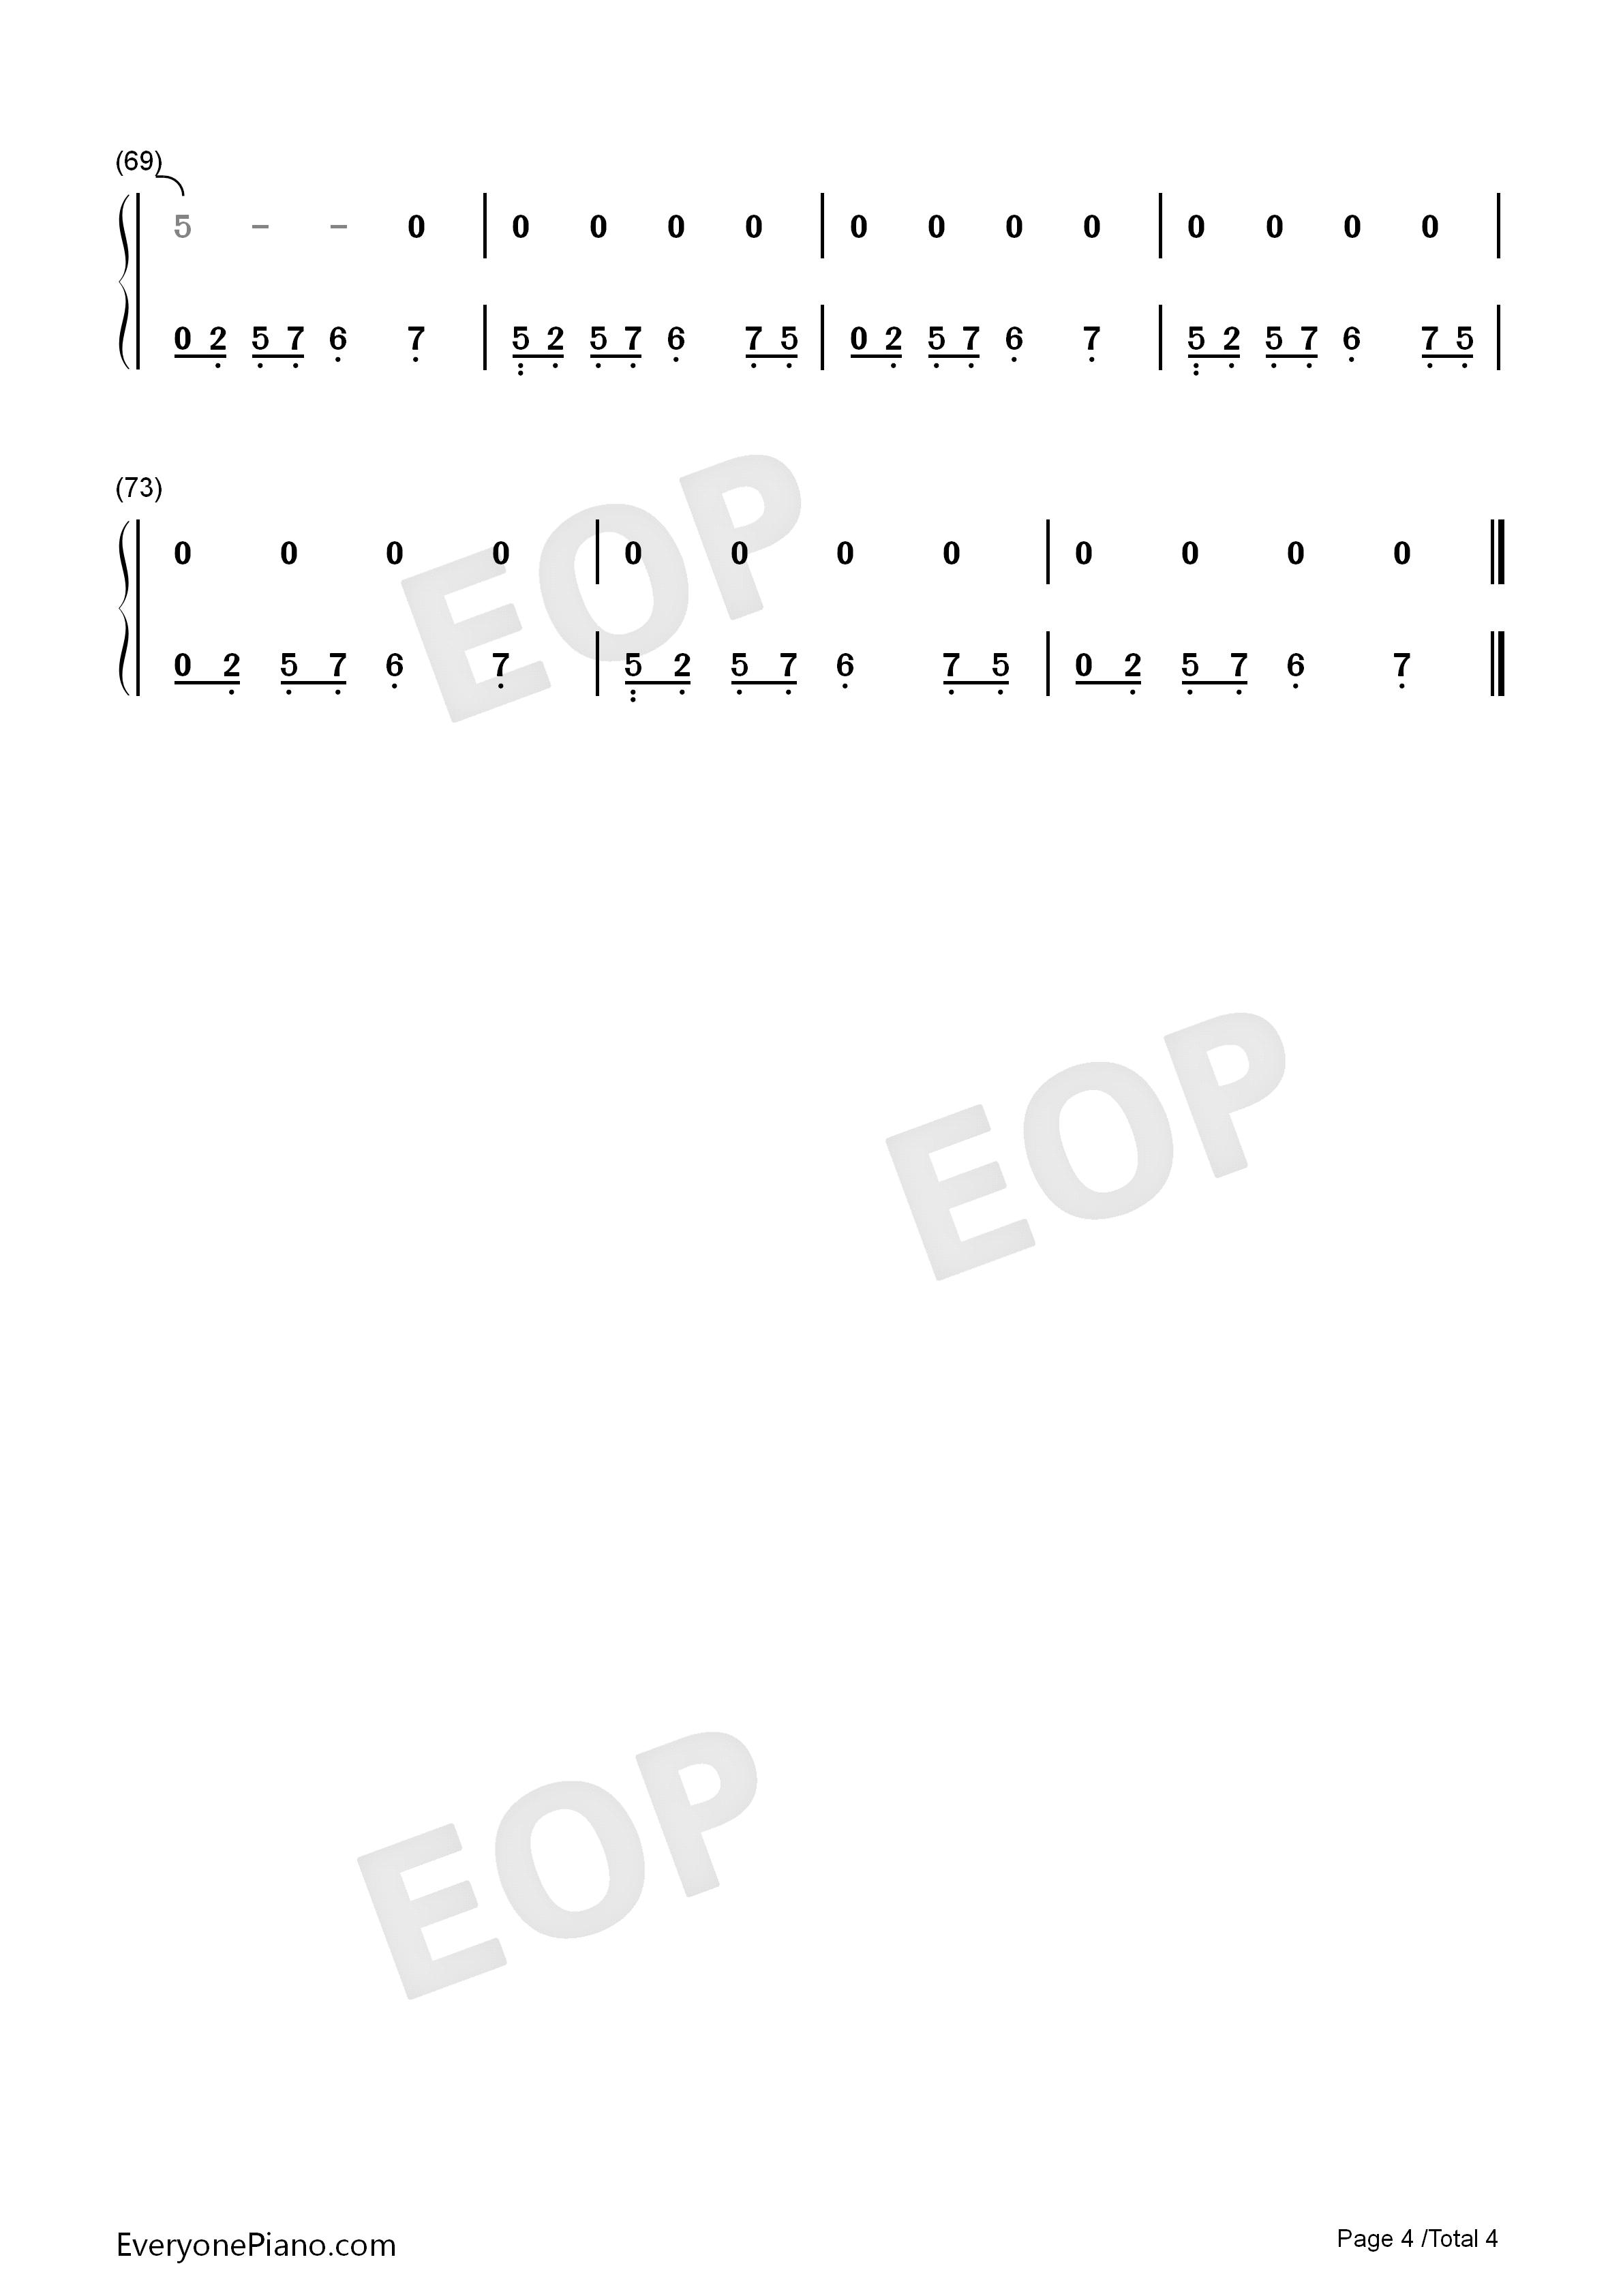 亲亲我的宝贝-周华健-eop教学曲双手简谱预览4-钢琴谱